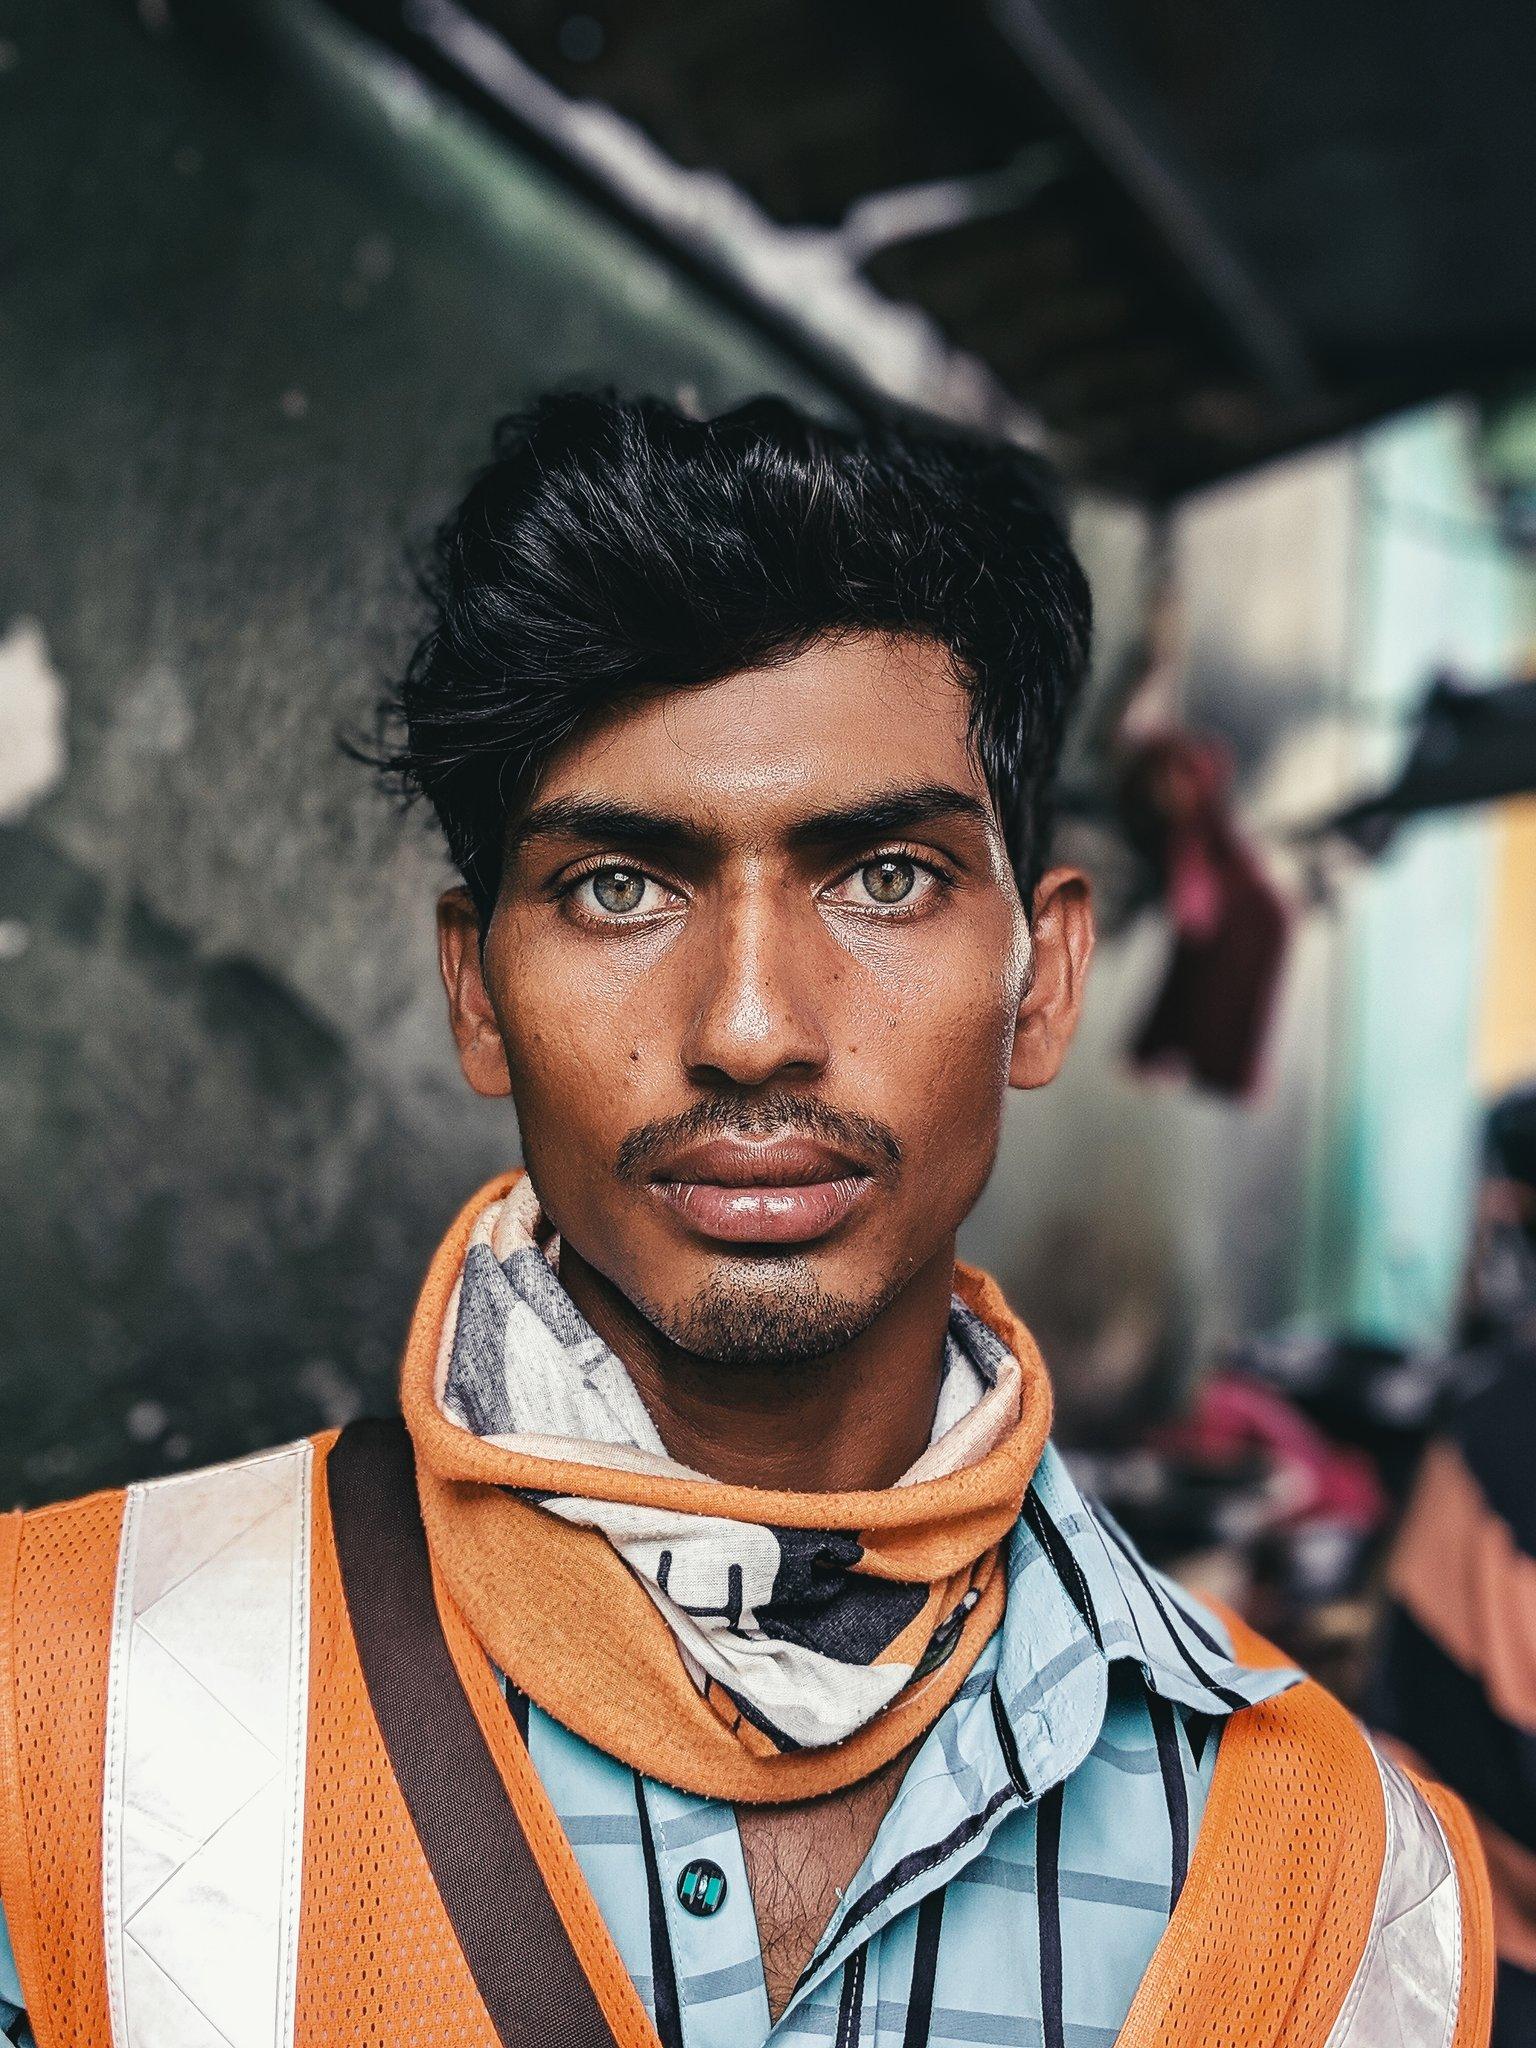 Thợ xây Ấn Độ bất ngờ nổi như cồn nhờ đôi mắt đẹp và thần thái như siêu mẫu - Ảnh 2.